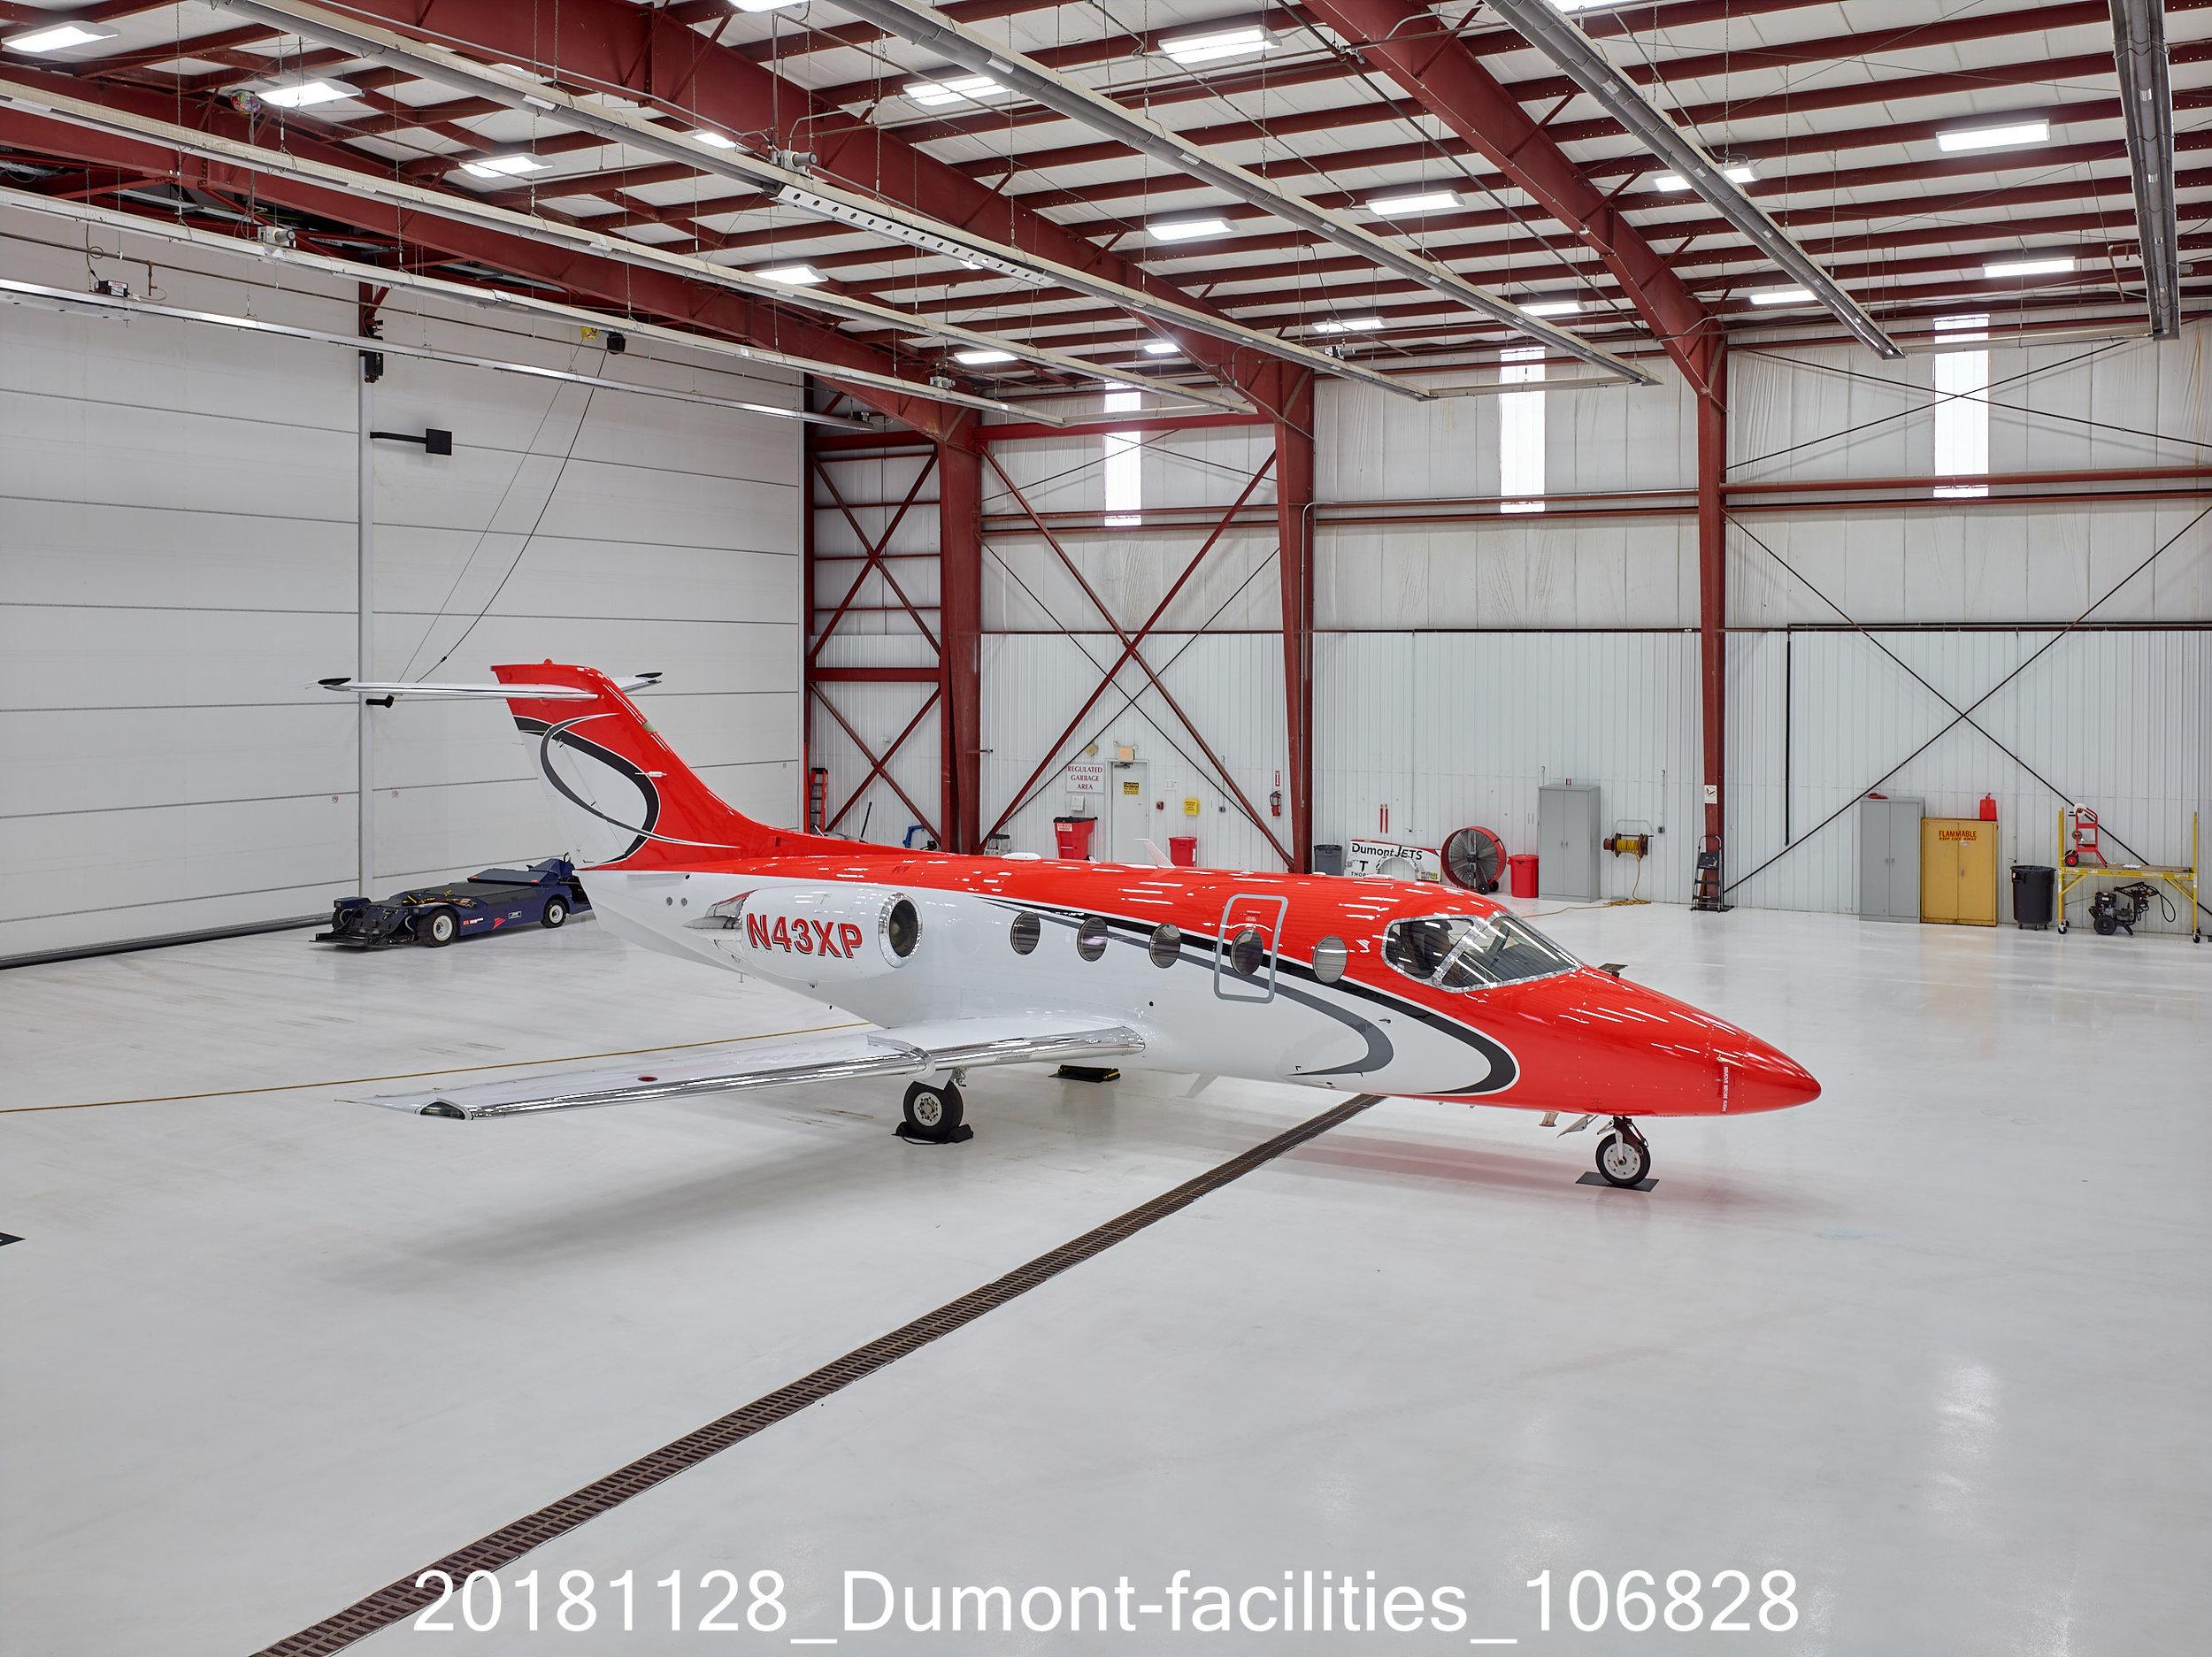 20181128_Dumont-facilities_106828.jpg